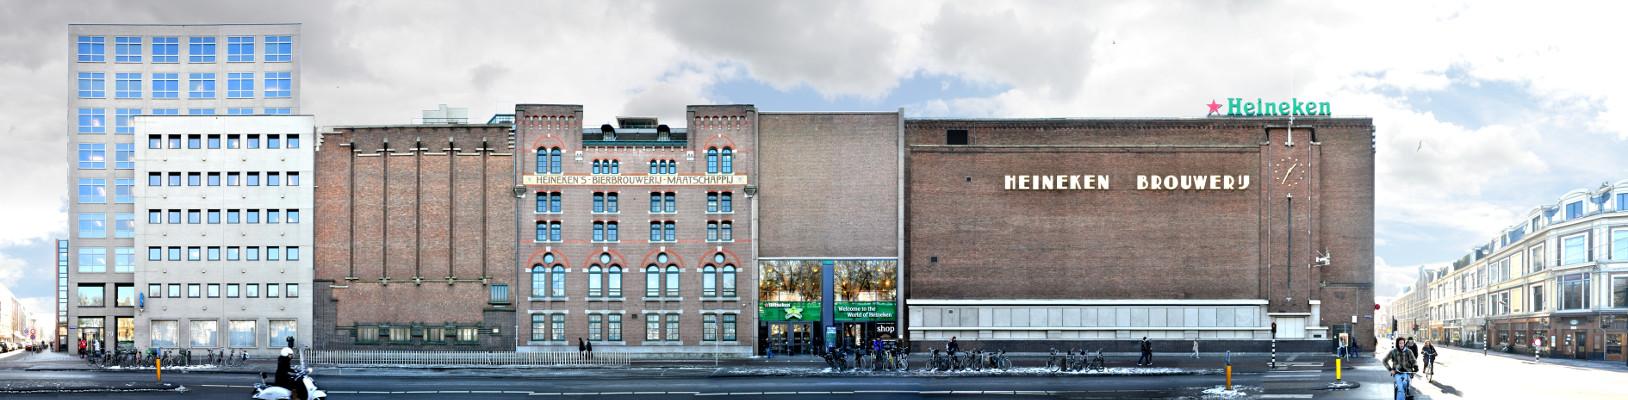 Heineken Brewery (Brouwerij)